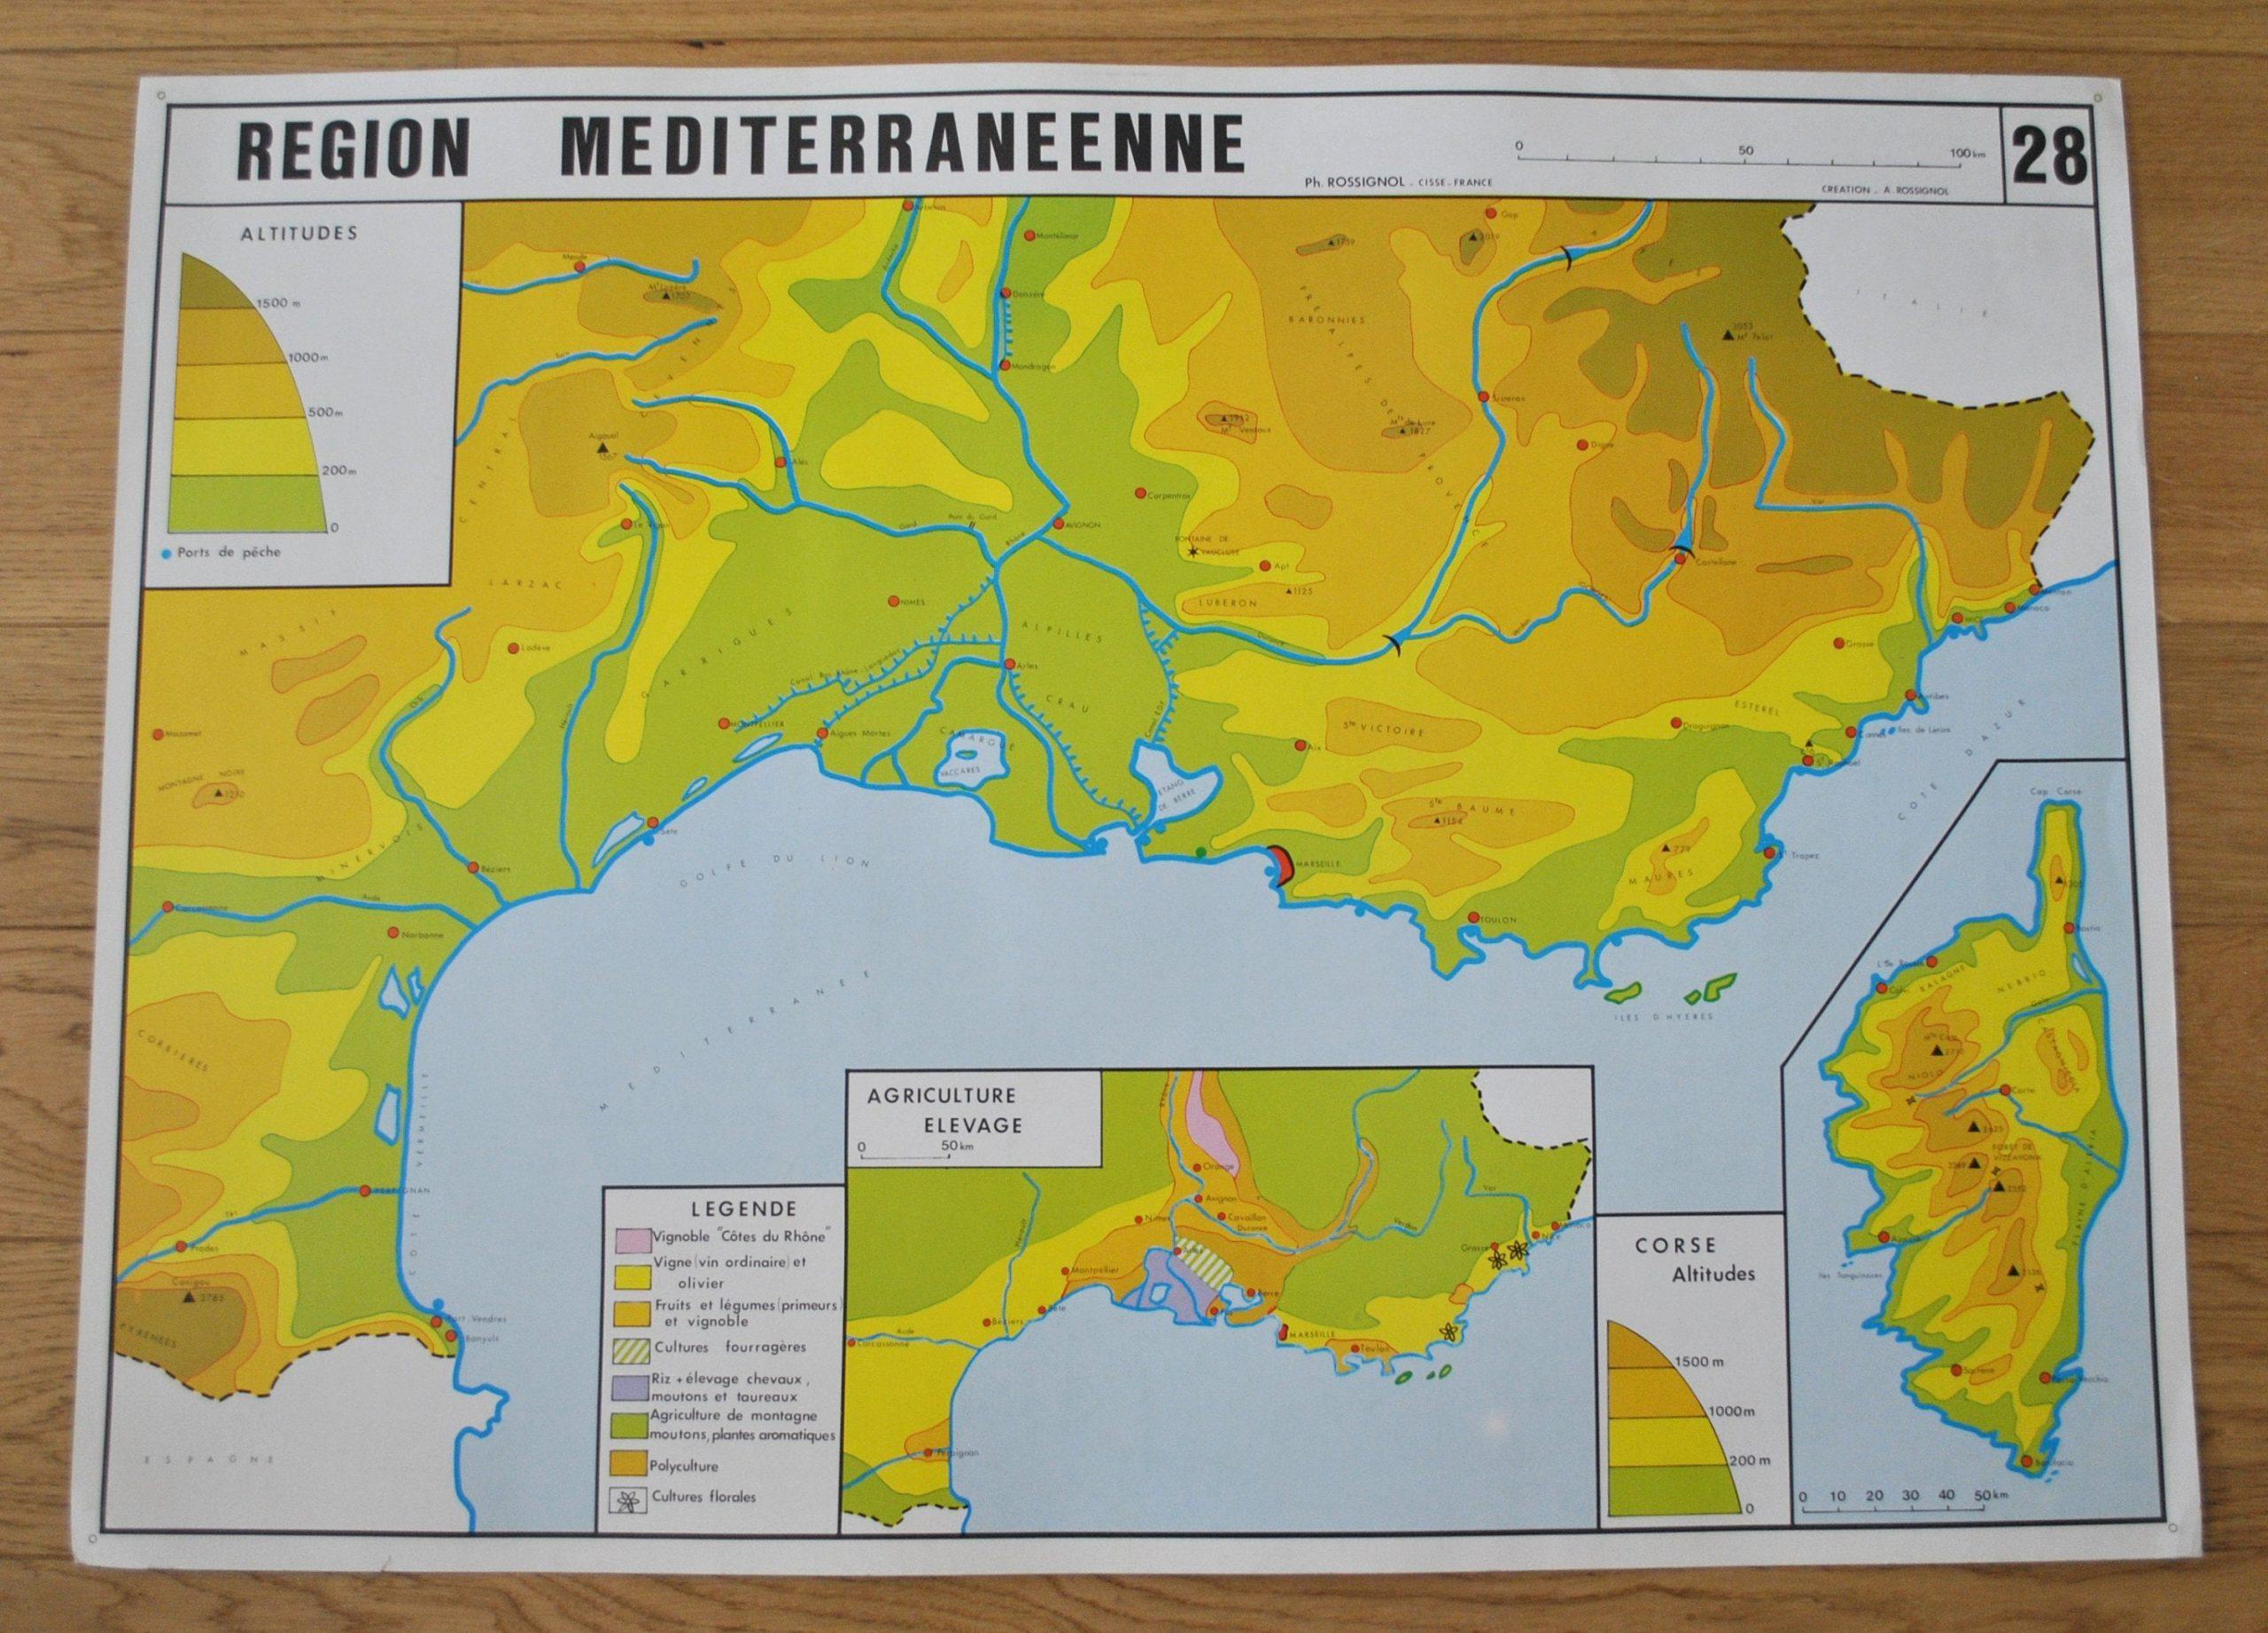 Ancienne Carte De Géographie Double Face - France : Région serapportantà La Carte De France Et Ses Régions